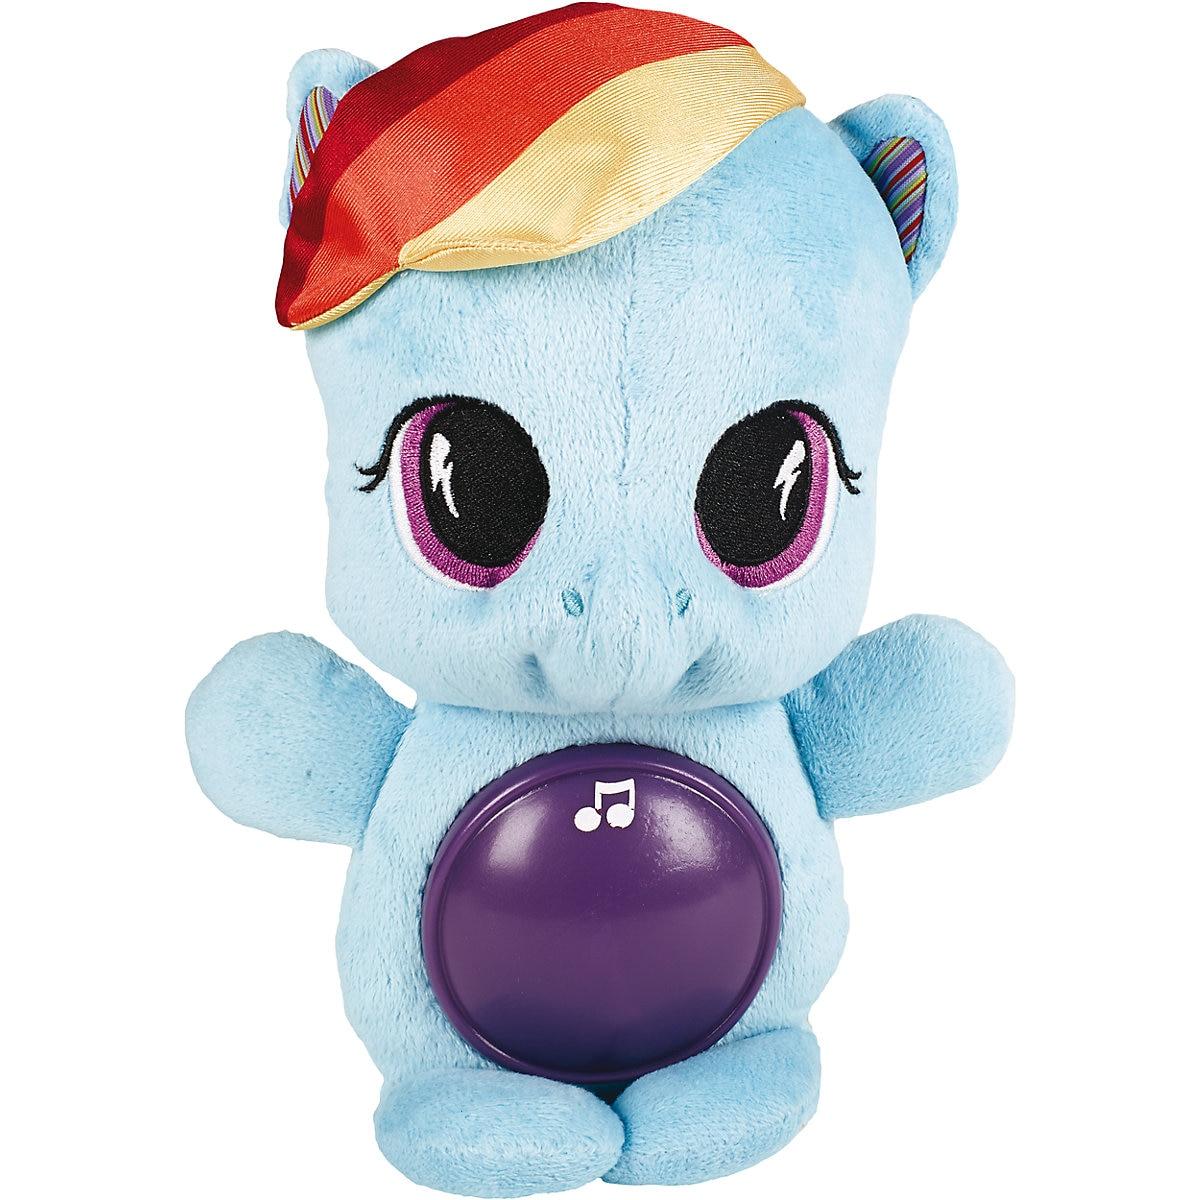 Hasbro recheado & animais de pelúcia 4252295 crianças brinquedos animais de estimação unicórnio brinquedo para dormir meu pequeno pônei mtpromo